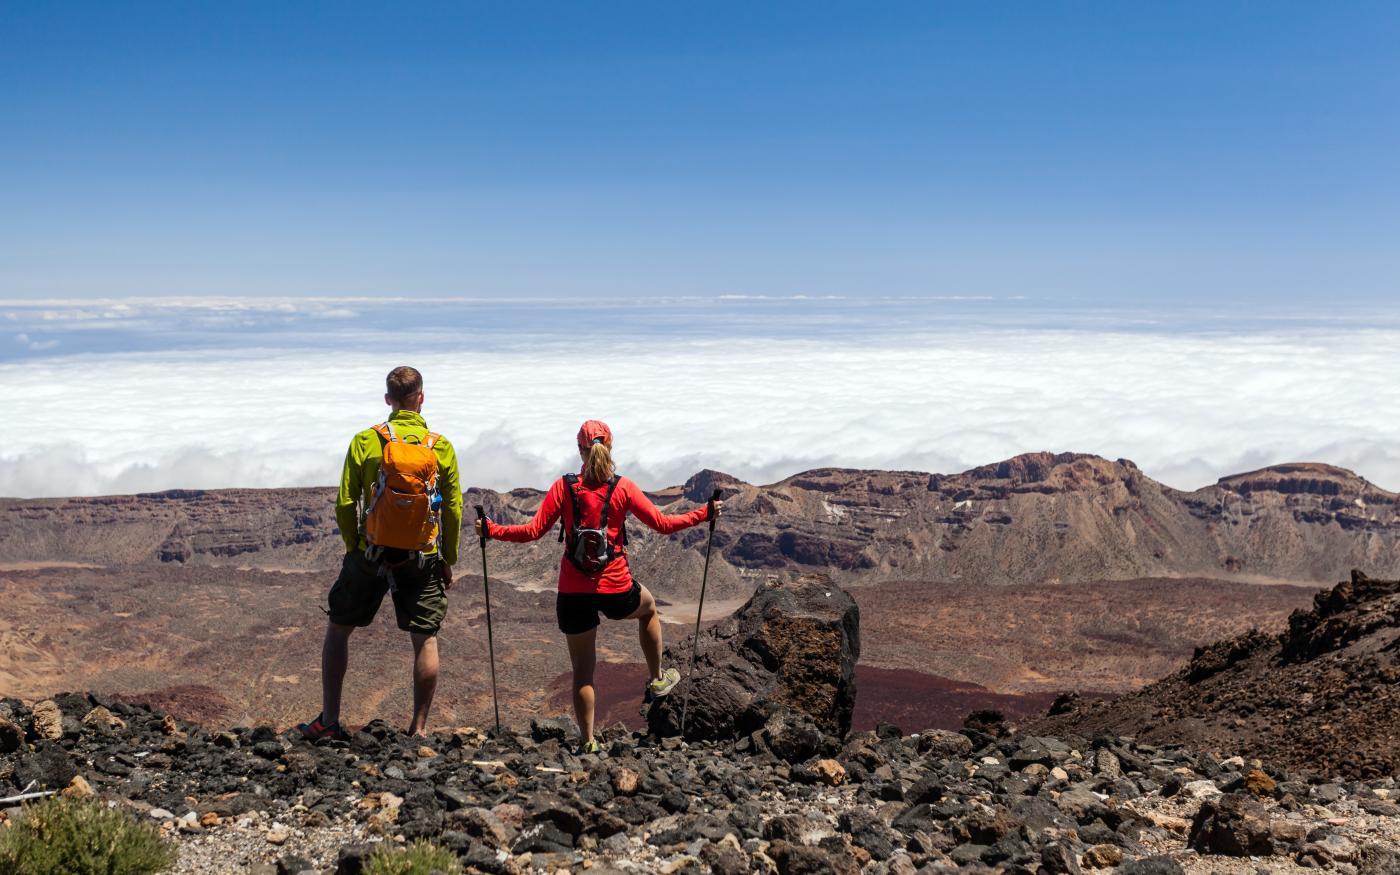 Tenerife heropent 040, de meest uitdagende wandelroute van Spanje